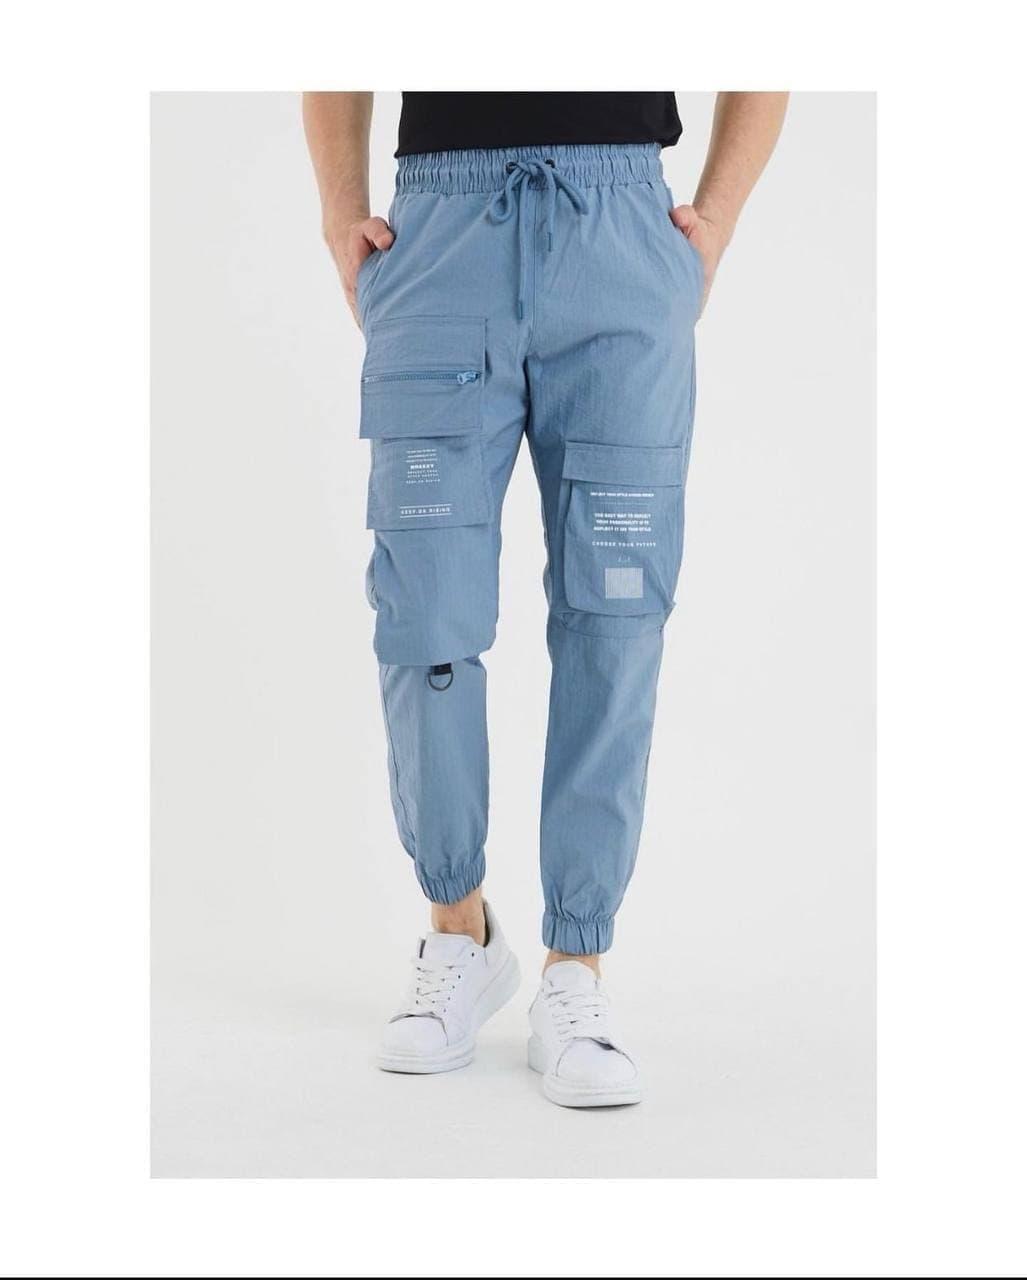 Чоловічі спортивні штани (блакитні) з кишенями, легкі завужені на літо s3013